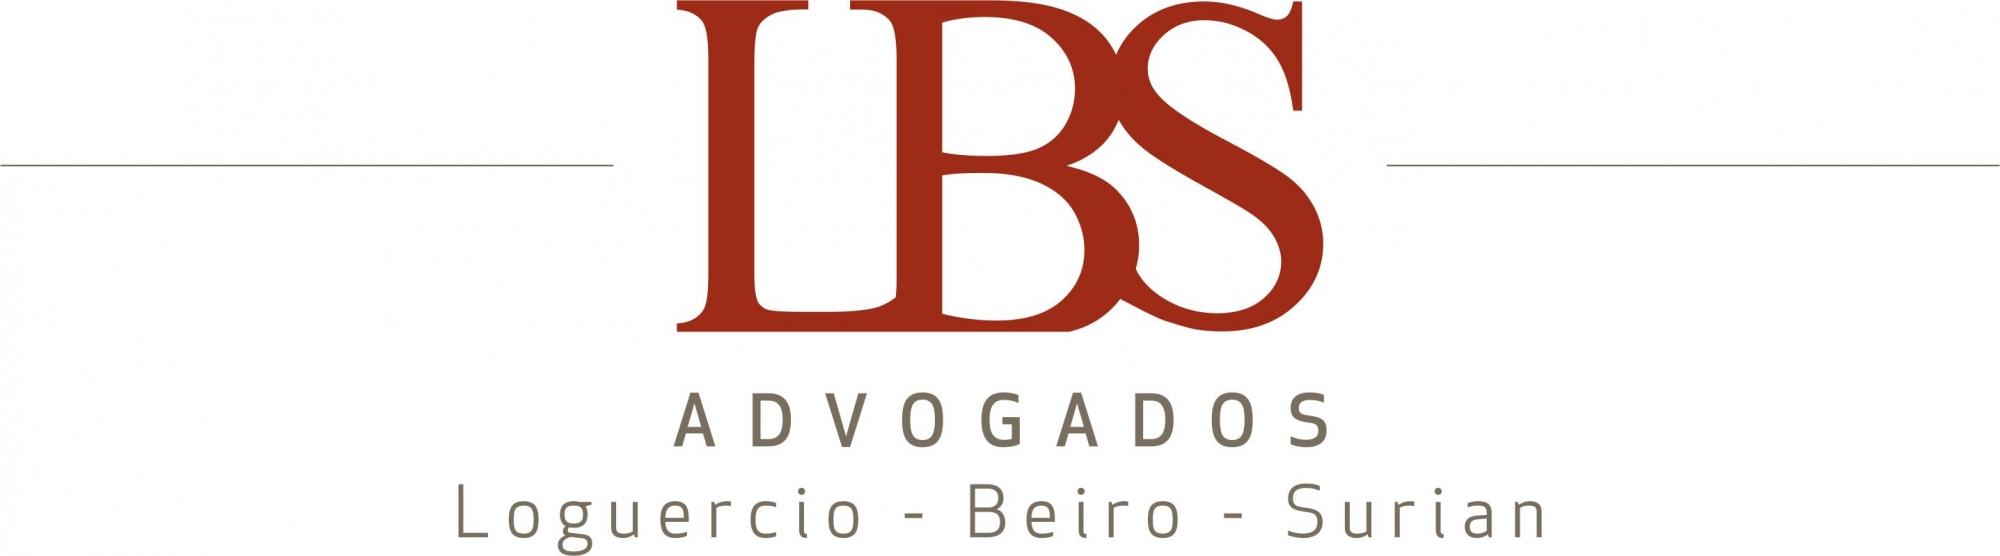 LBS Advogados